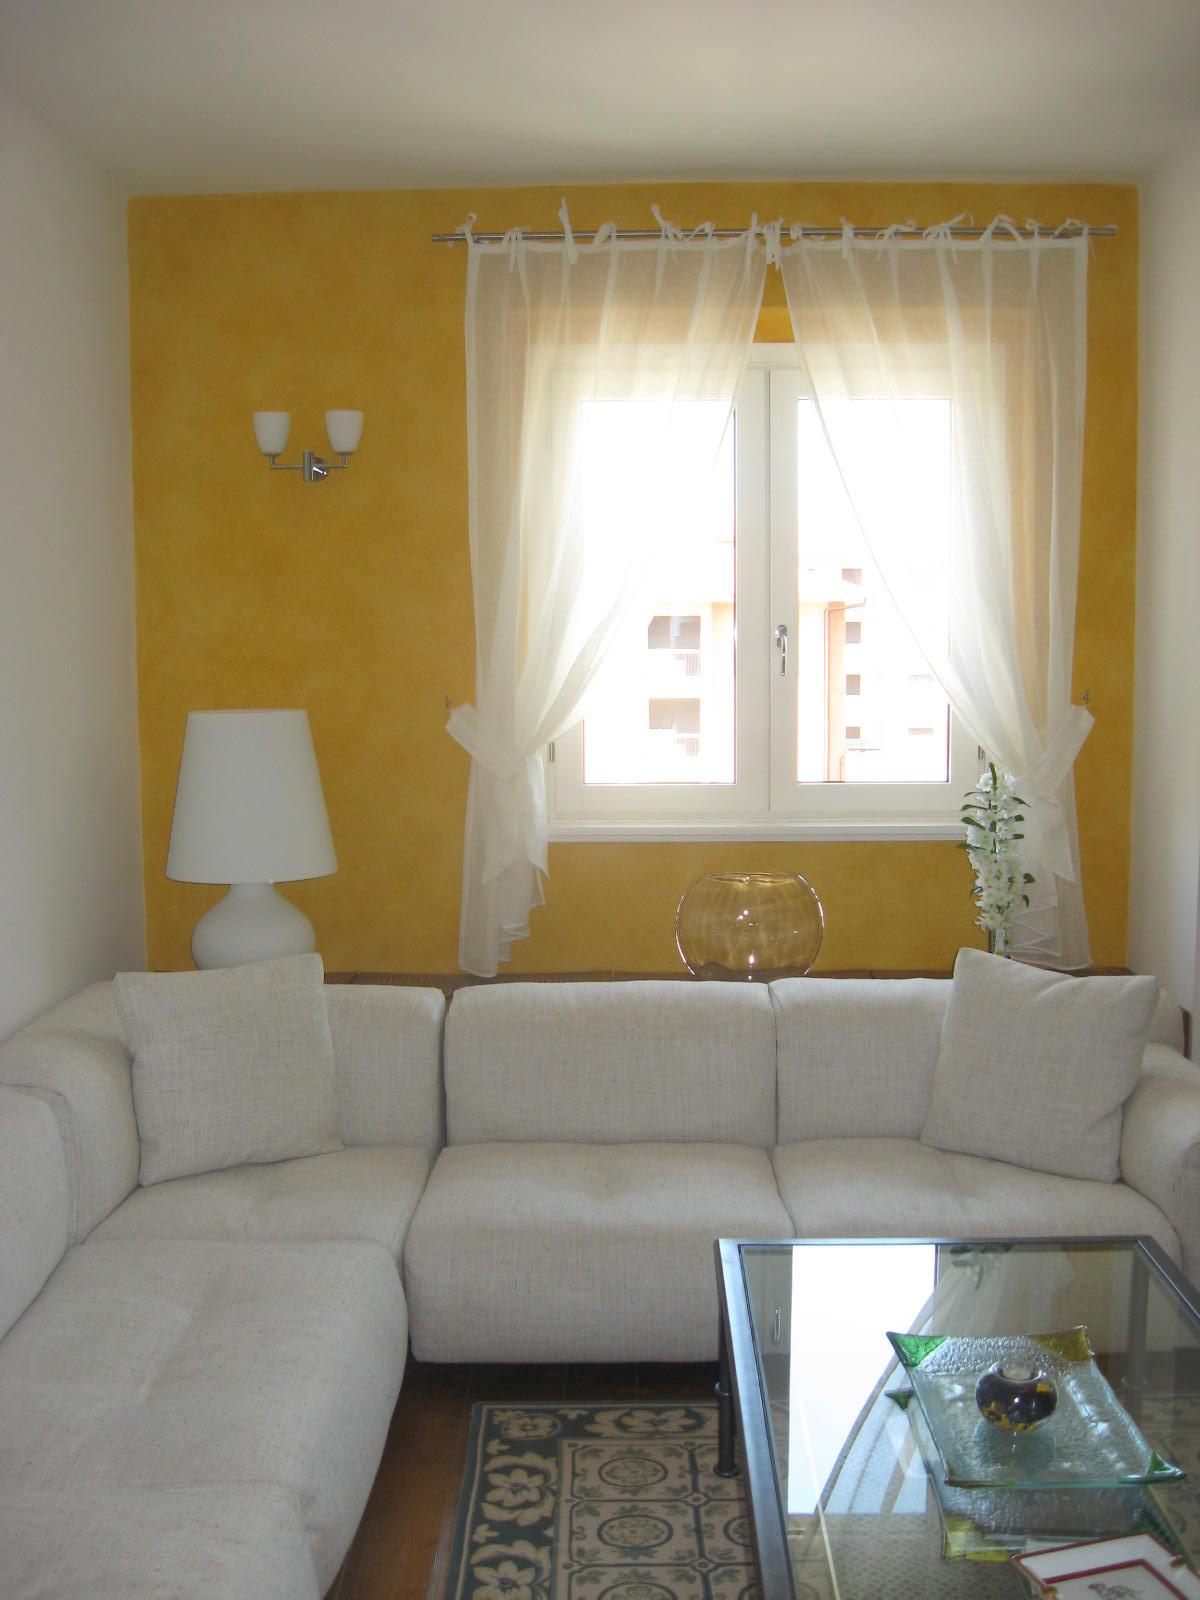 Emejing Decorazione Parete Soggiorno Photos - Idee Arredamento Casa ...